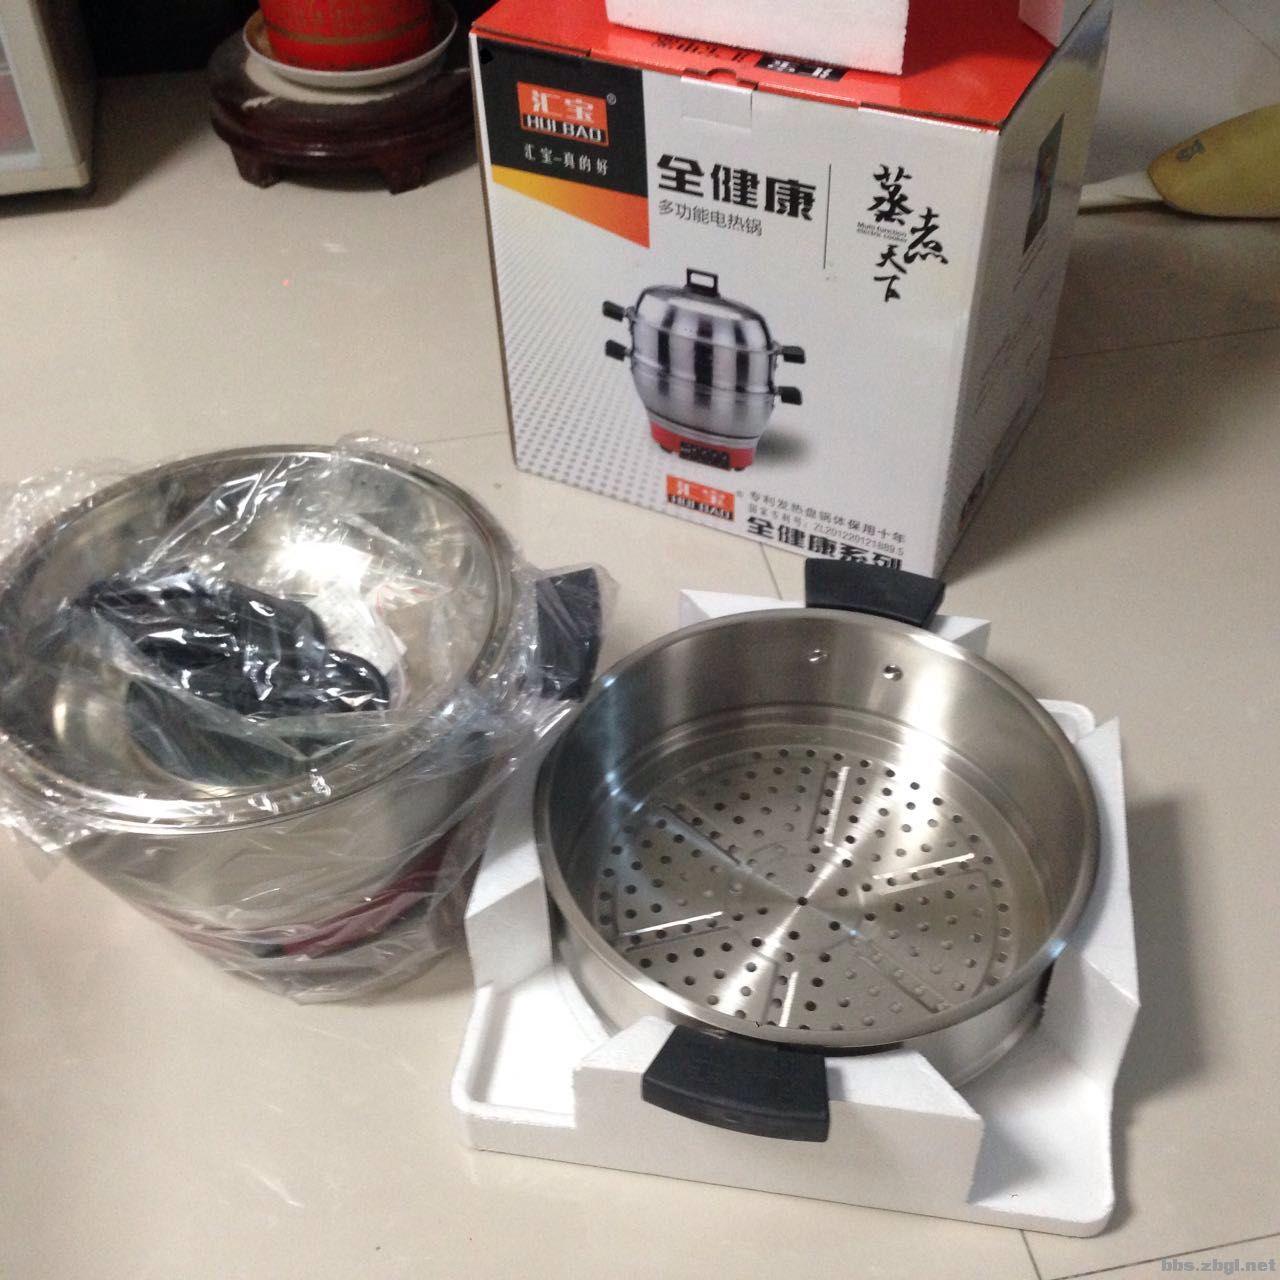 多星电压力锅,汇宝电热锅